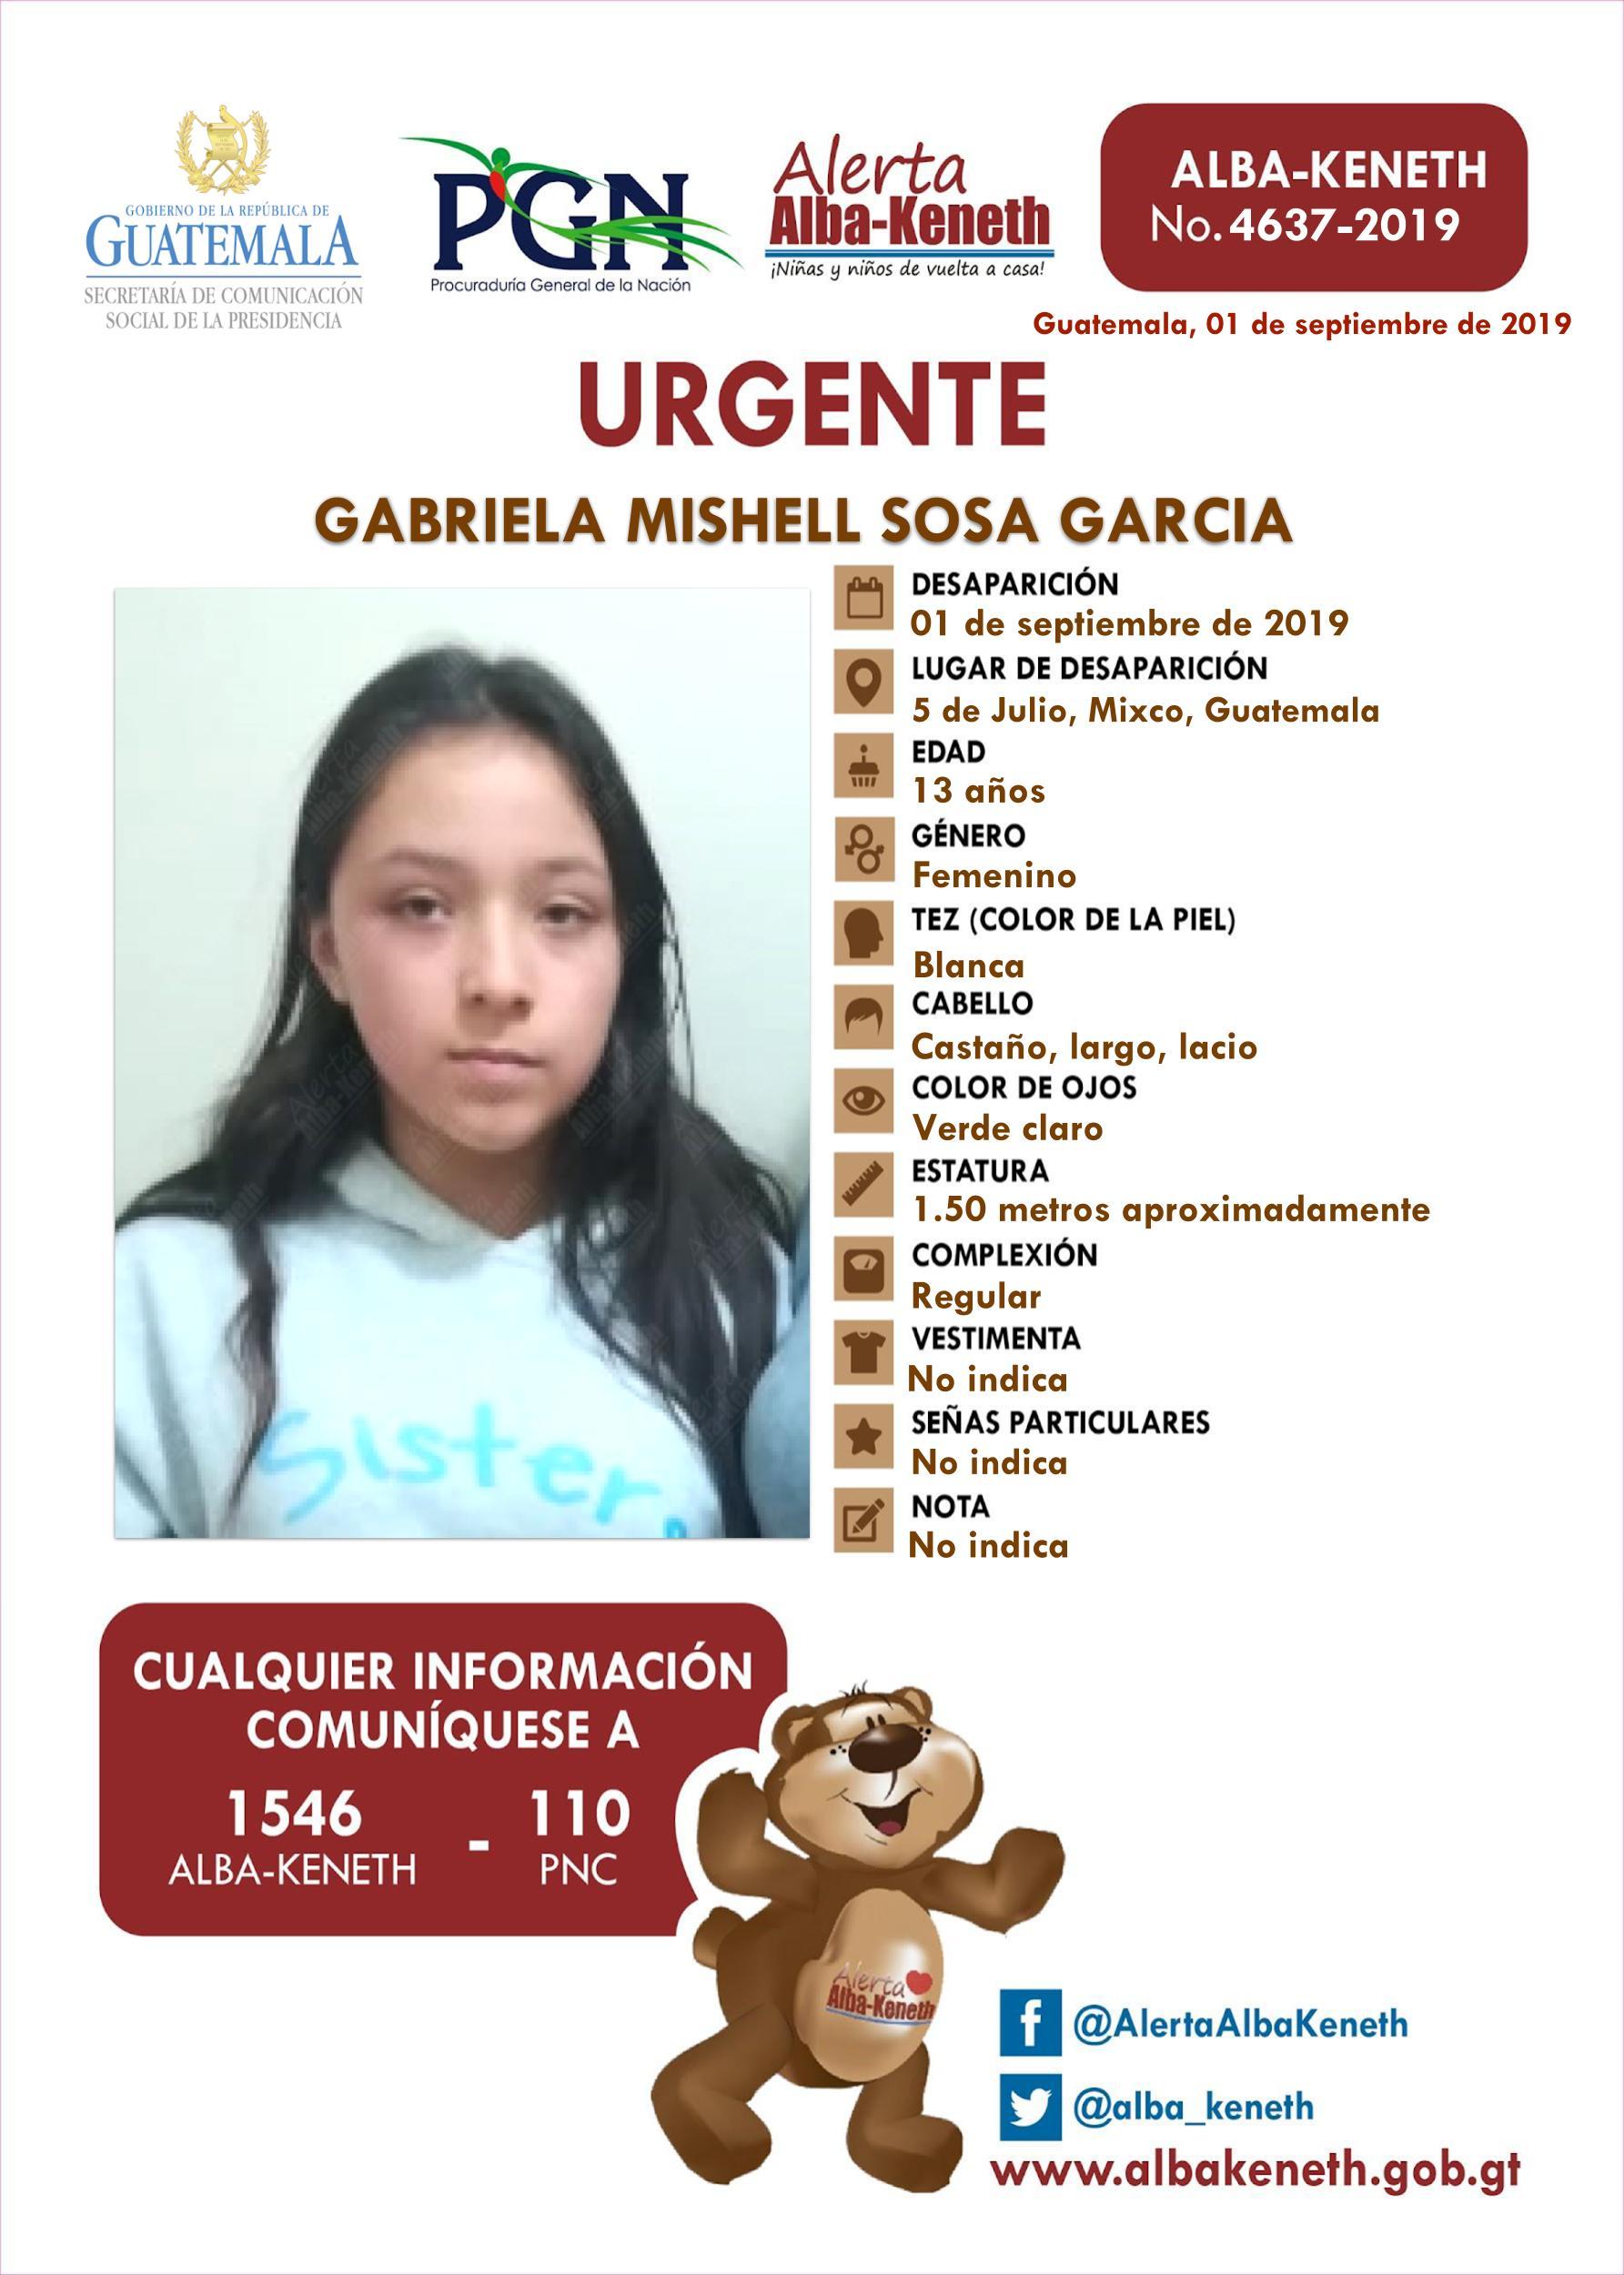 Gabriela Mishell Sosa Garcia